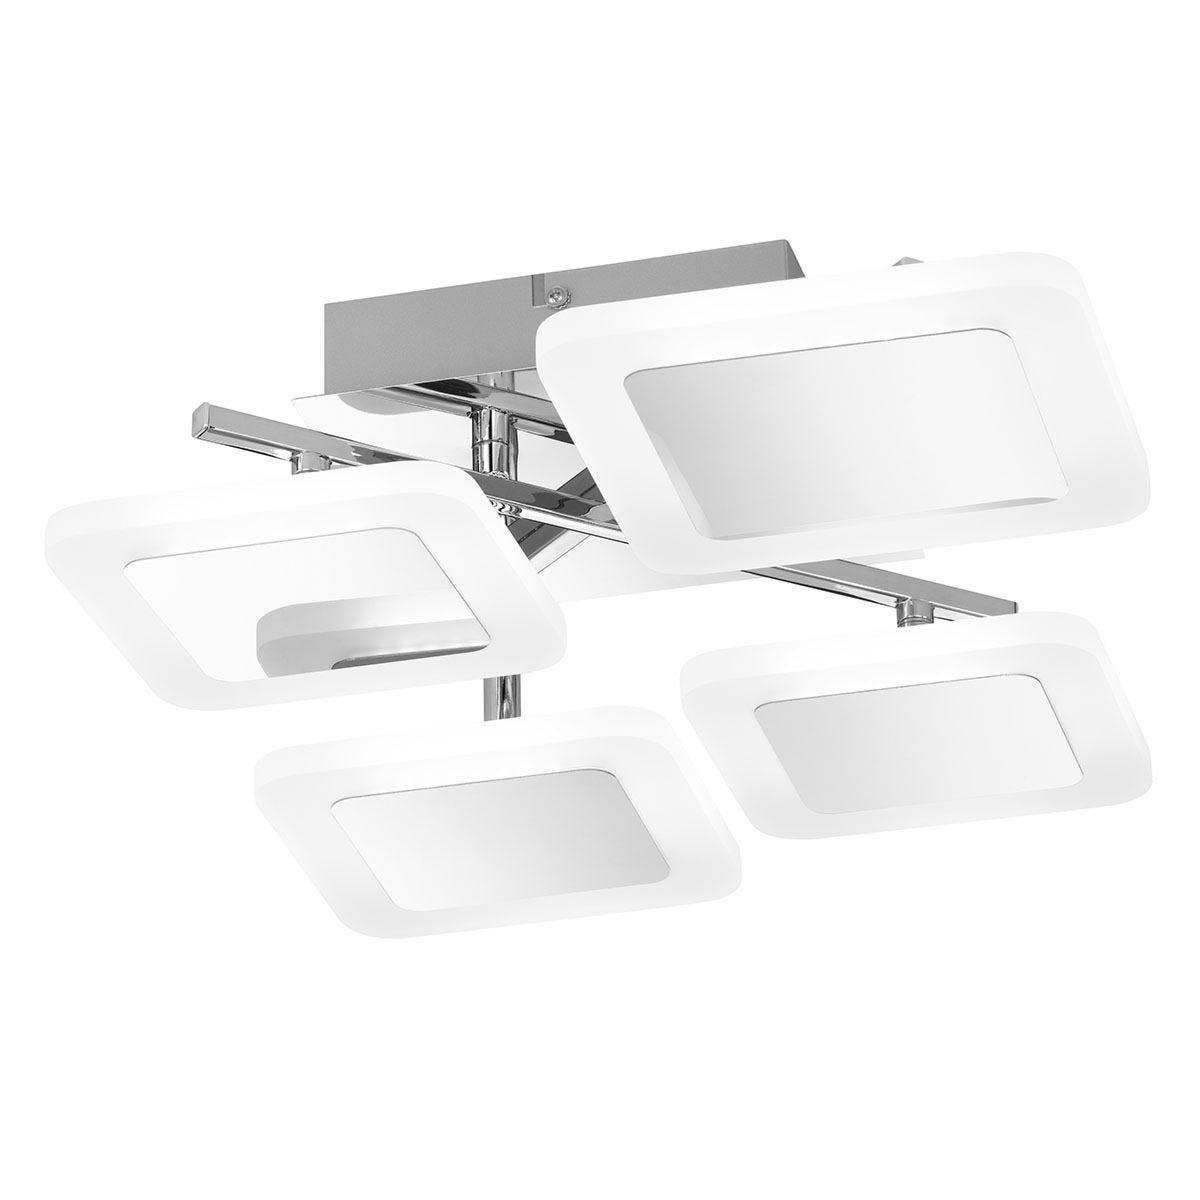 Wofi Impuls Ceiling Lamp - Chrome - LED (28W)